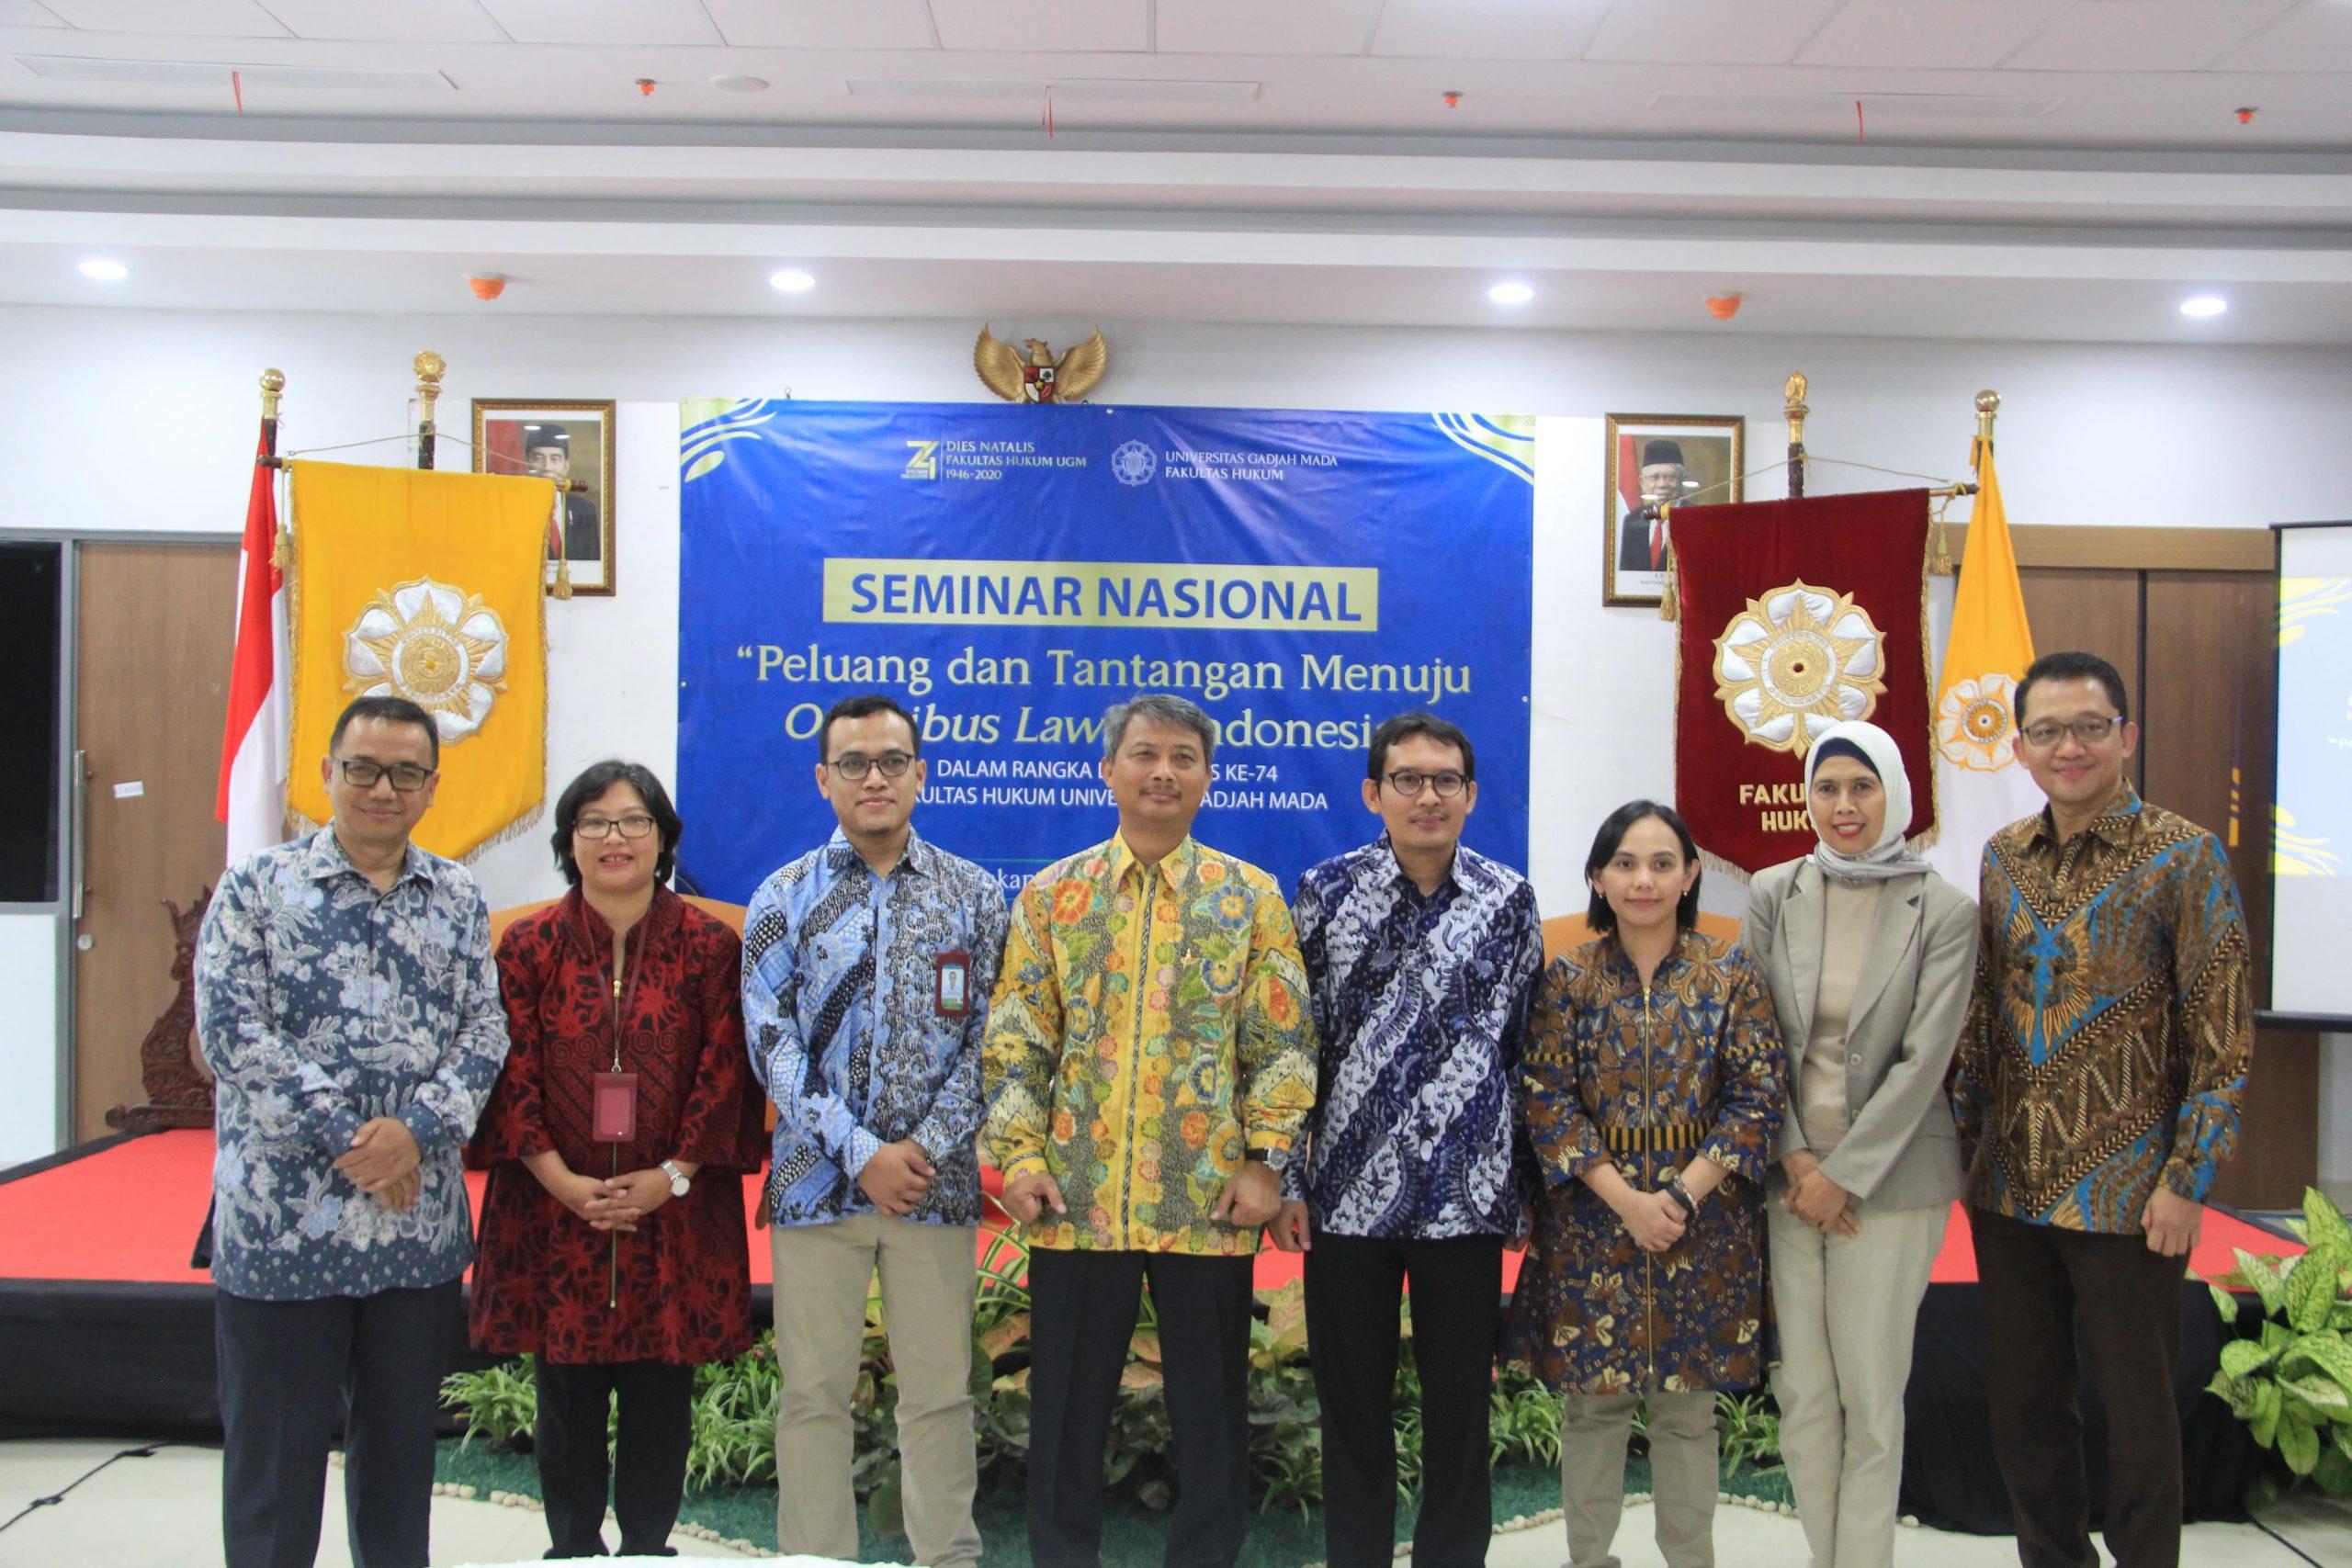 Seminar Nasional FH UGM: Peluang dan Tantangan Menuju Omnibus Law di Indonesia Ditinjau dari Perspektif Bisnis dan Perpajakan